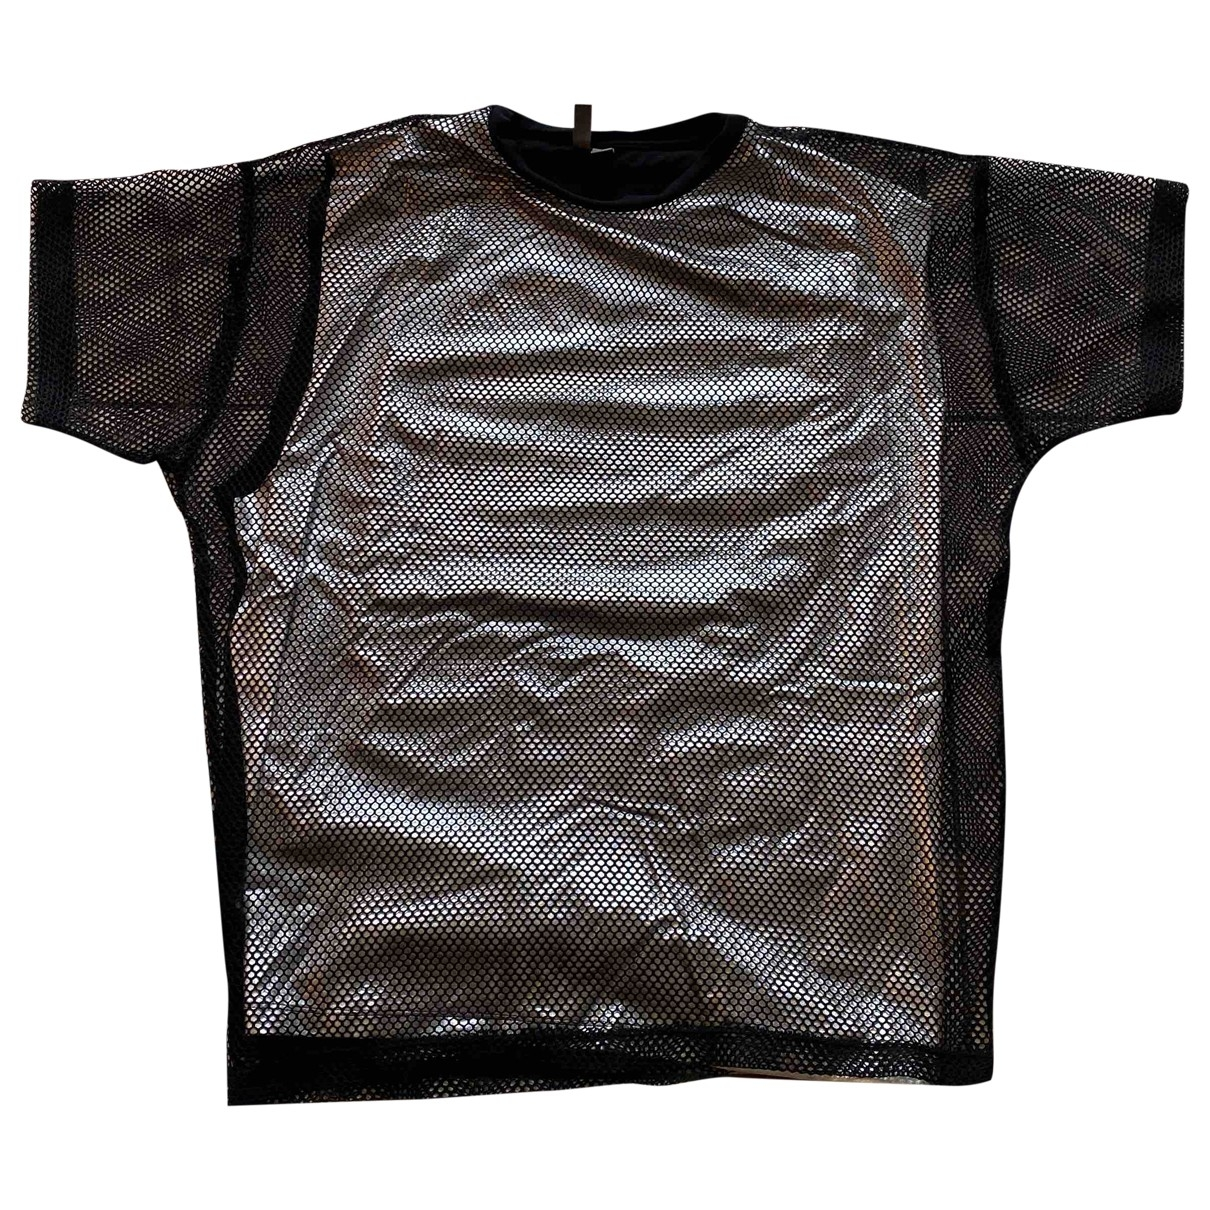 Asos \N T-shirts for Men XS International